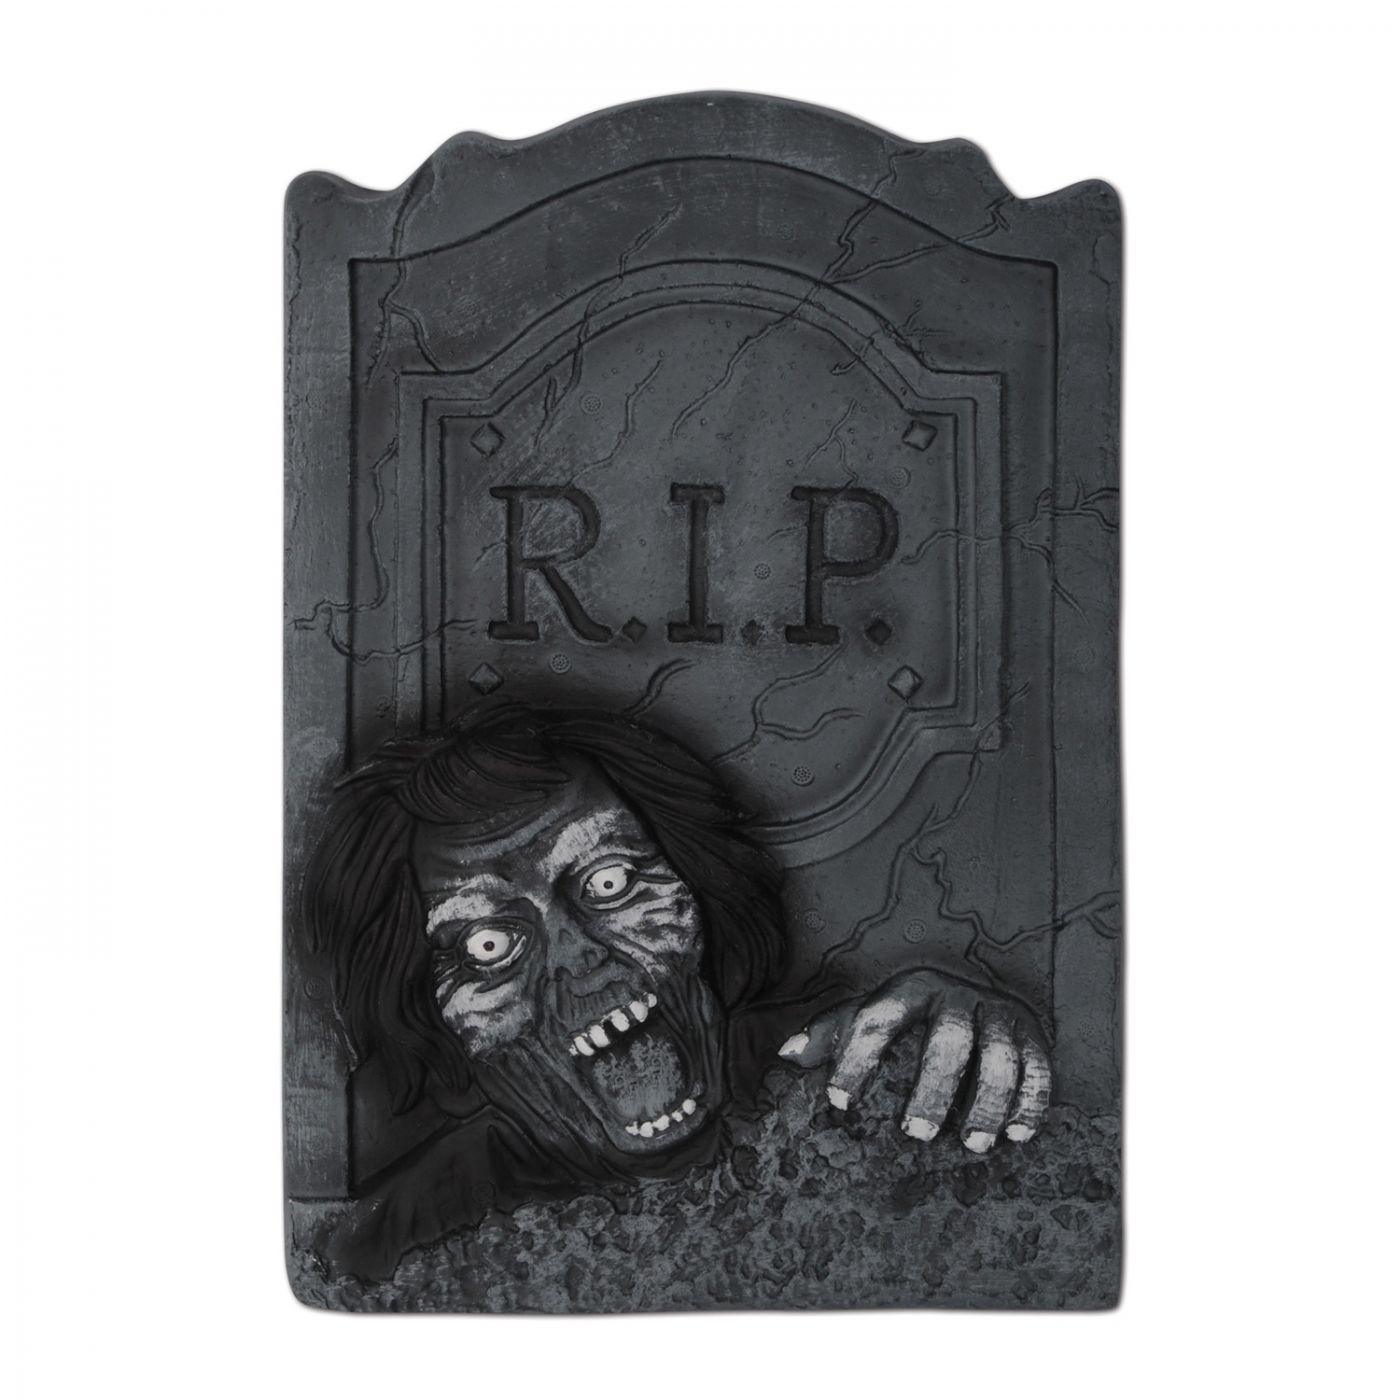 Zombie R.I.P. Tombstone (6) image